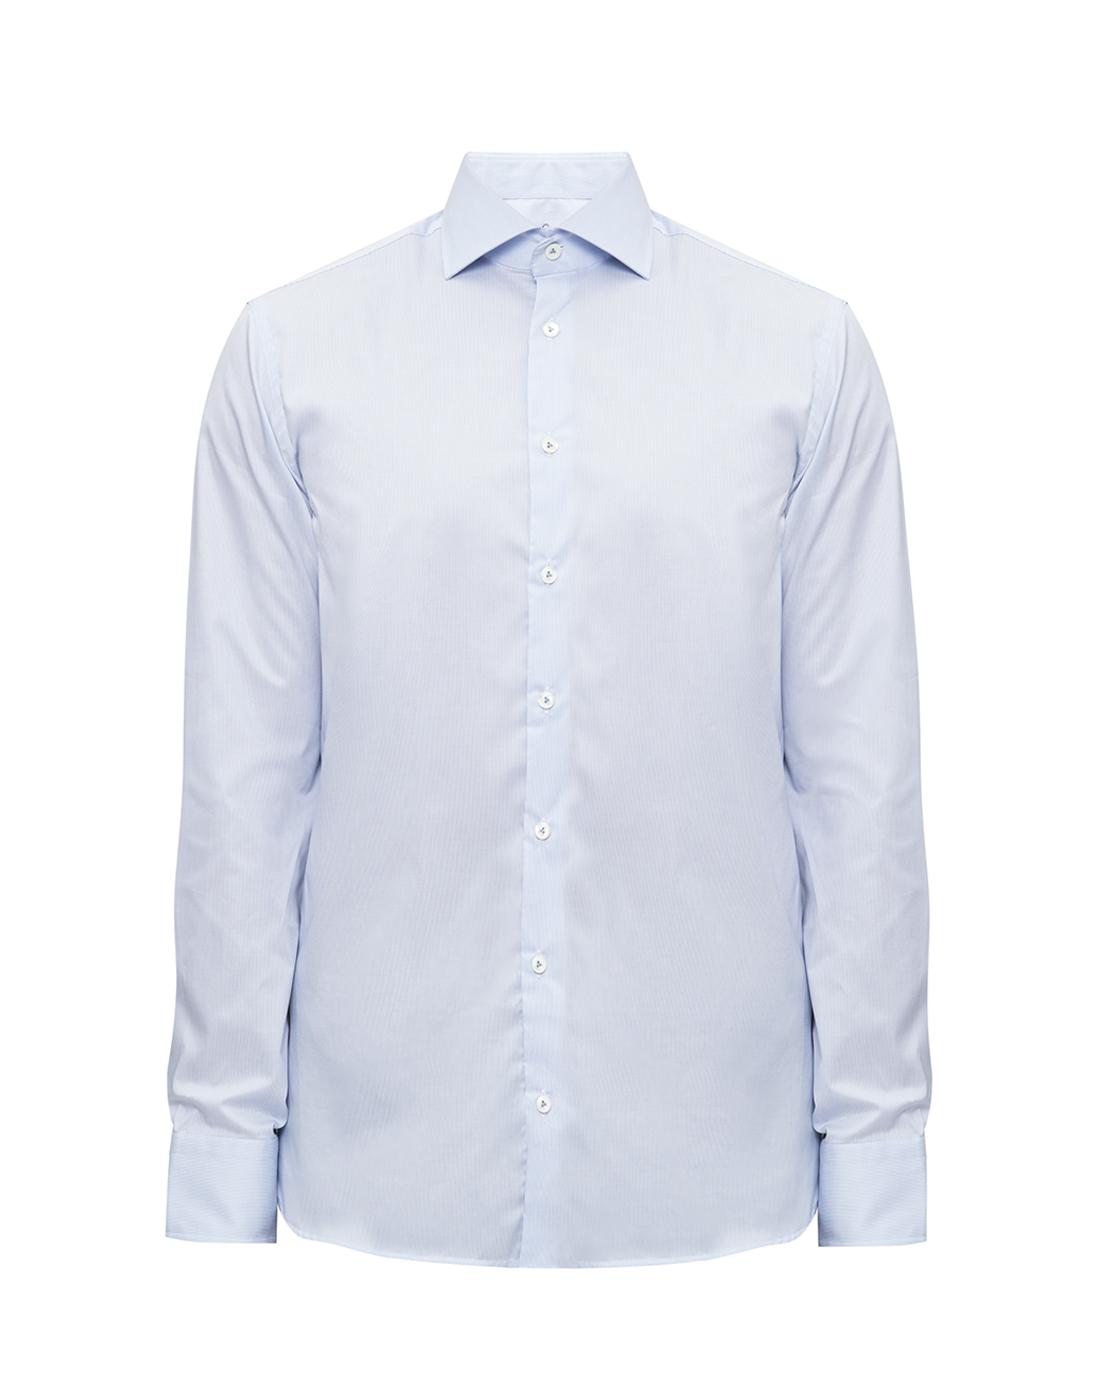 Мужская голубая рубашка в полоску Van Laack S132959/720-1